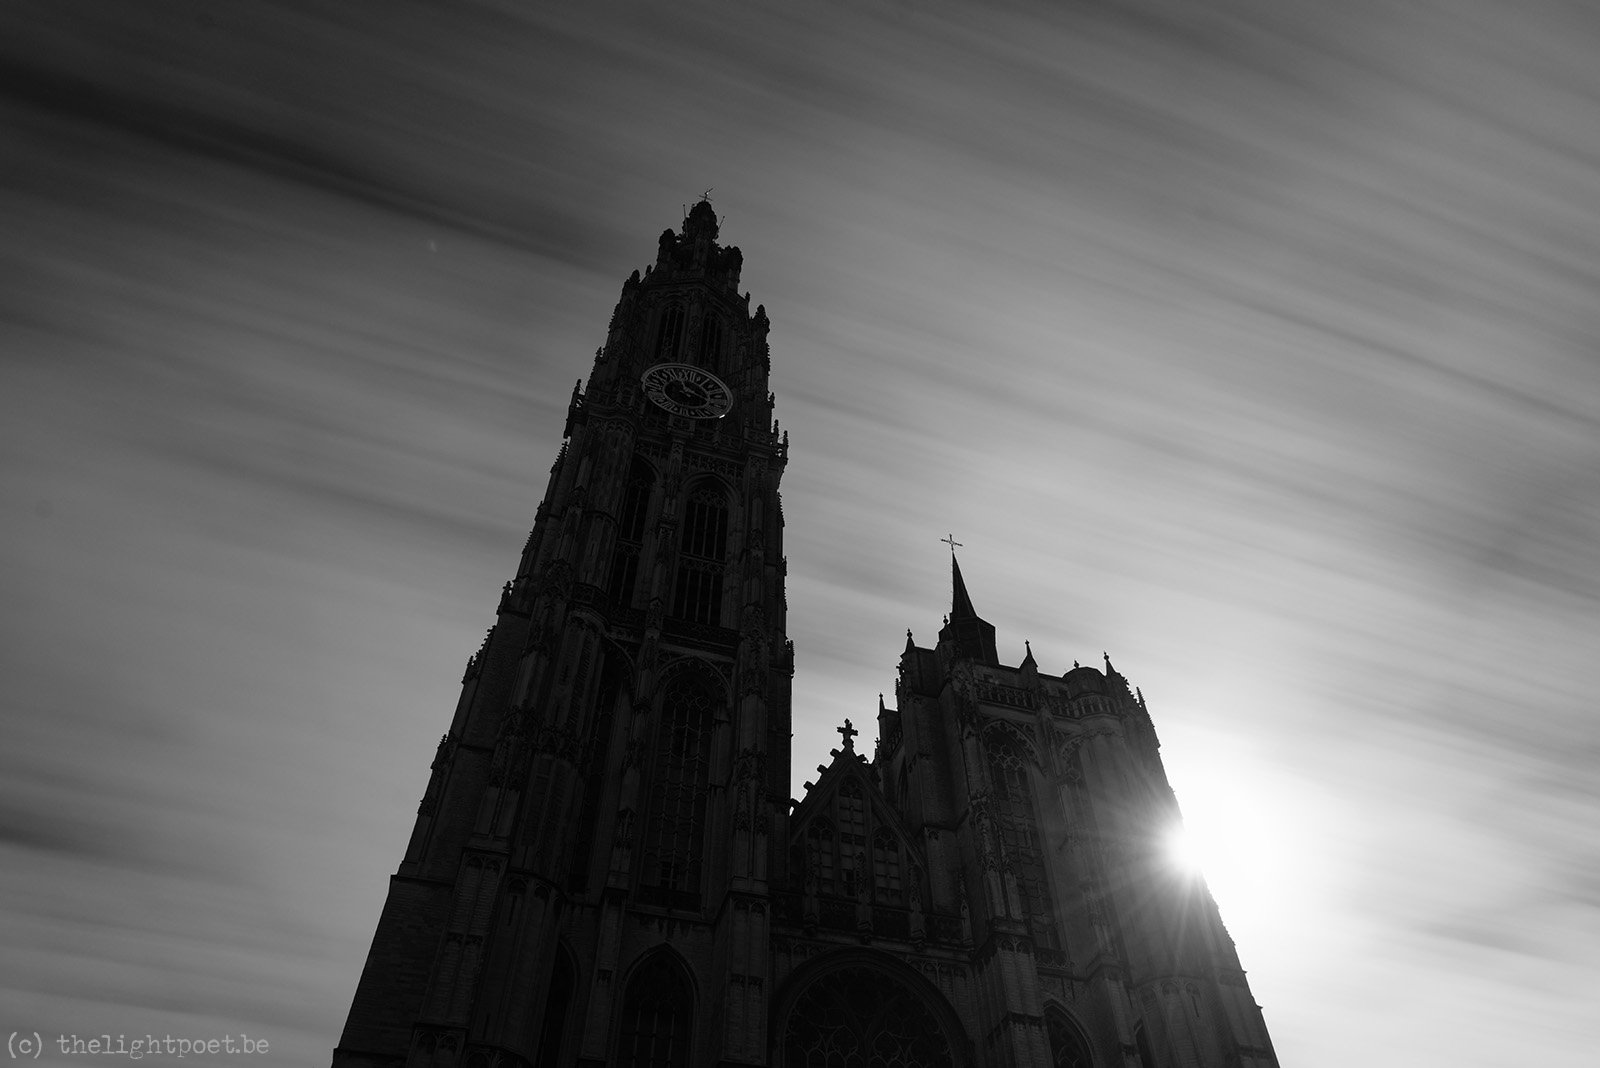 2016_09_Antwerpen_20160919_112042_DxO_v11_2